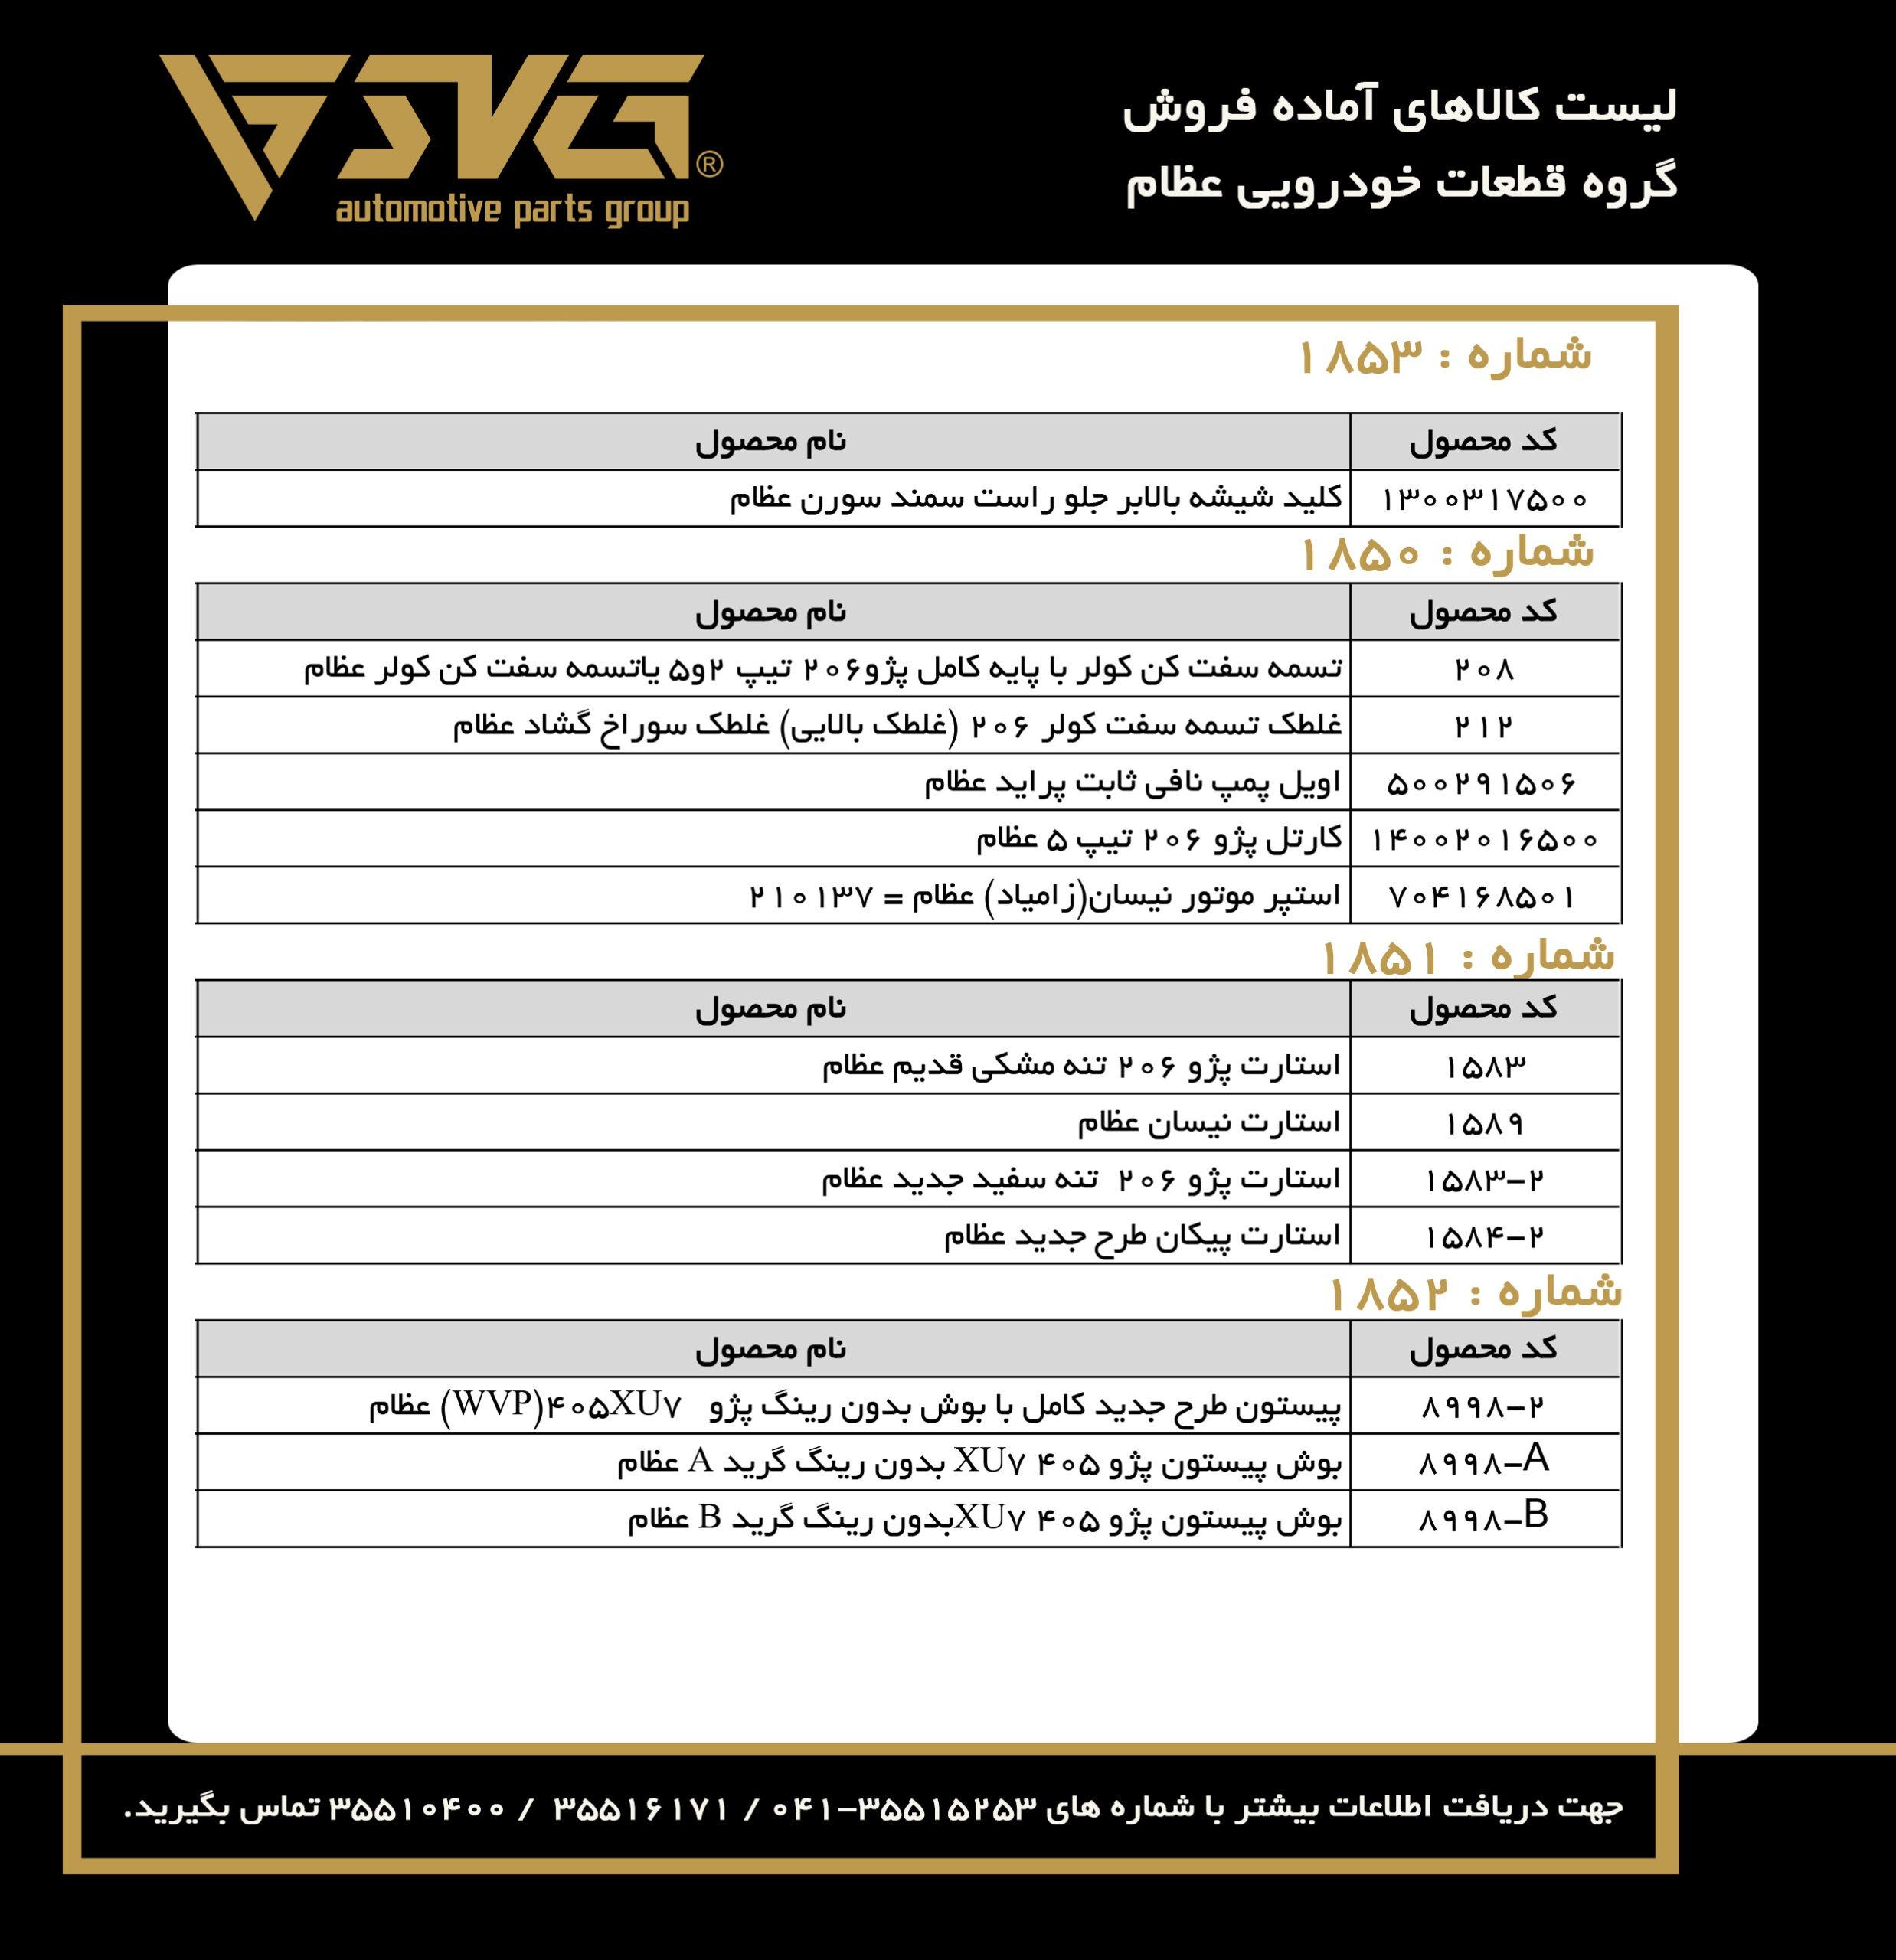 آماده فروش 9 بهمن 99